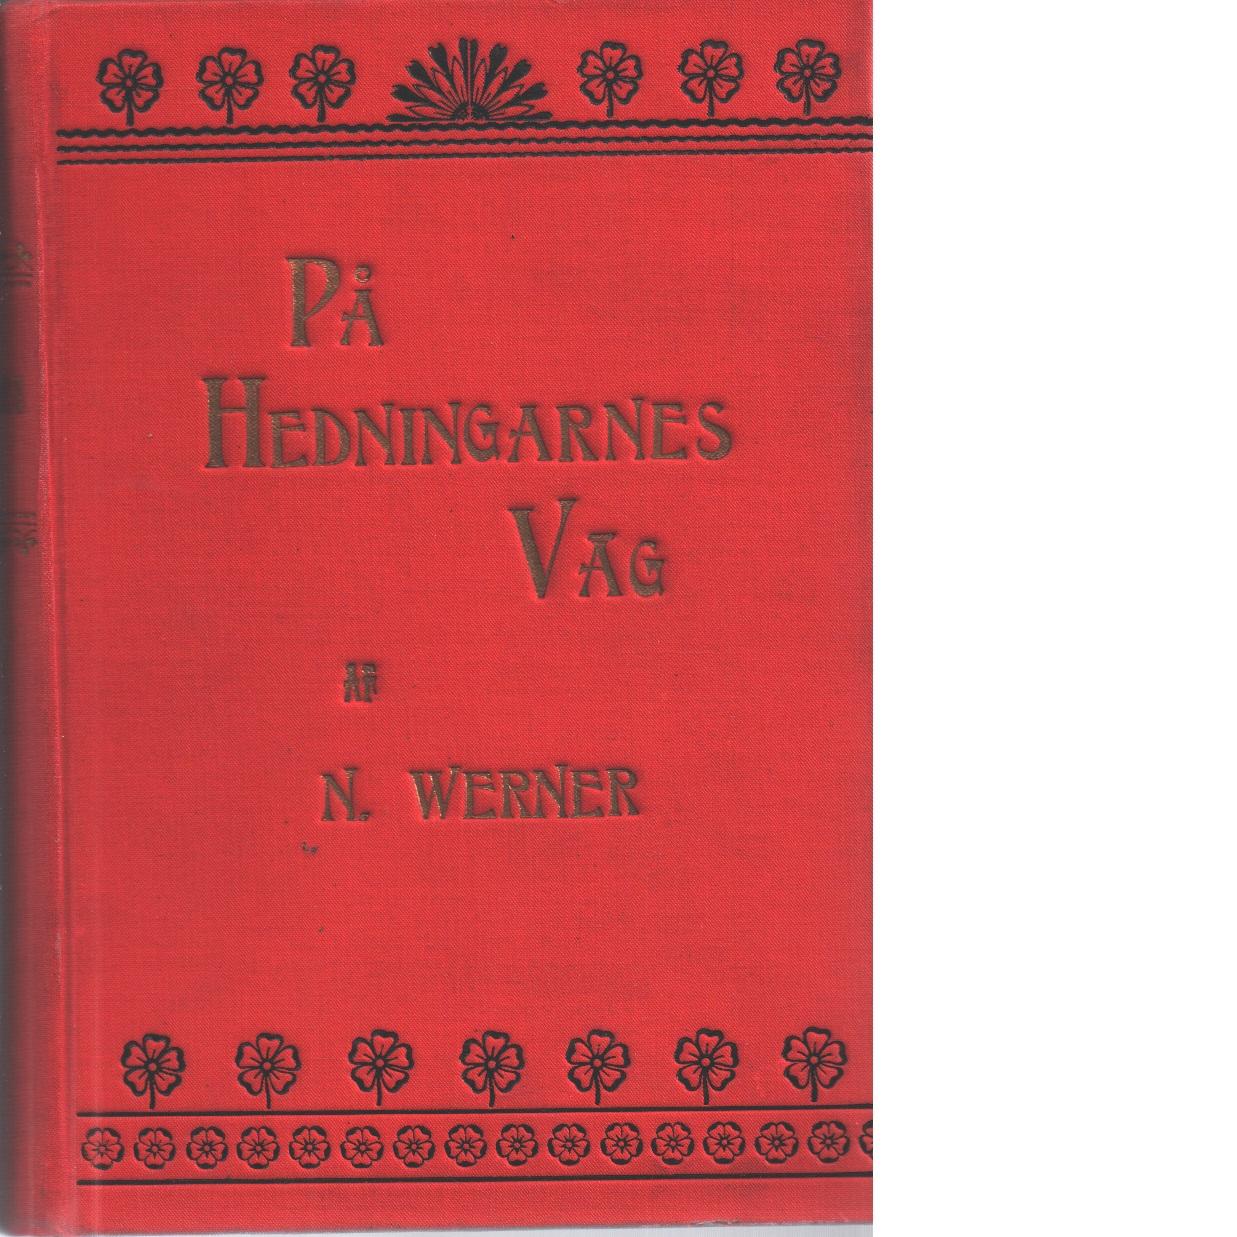 På hedningarnes väg : bilder från svenska missionsförbundets missionsfält - Werner, N.